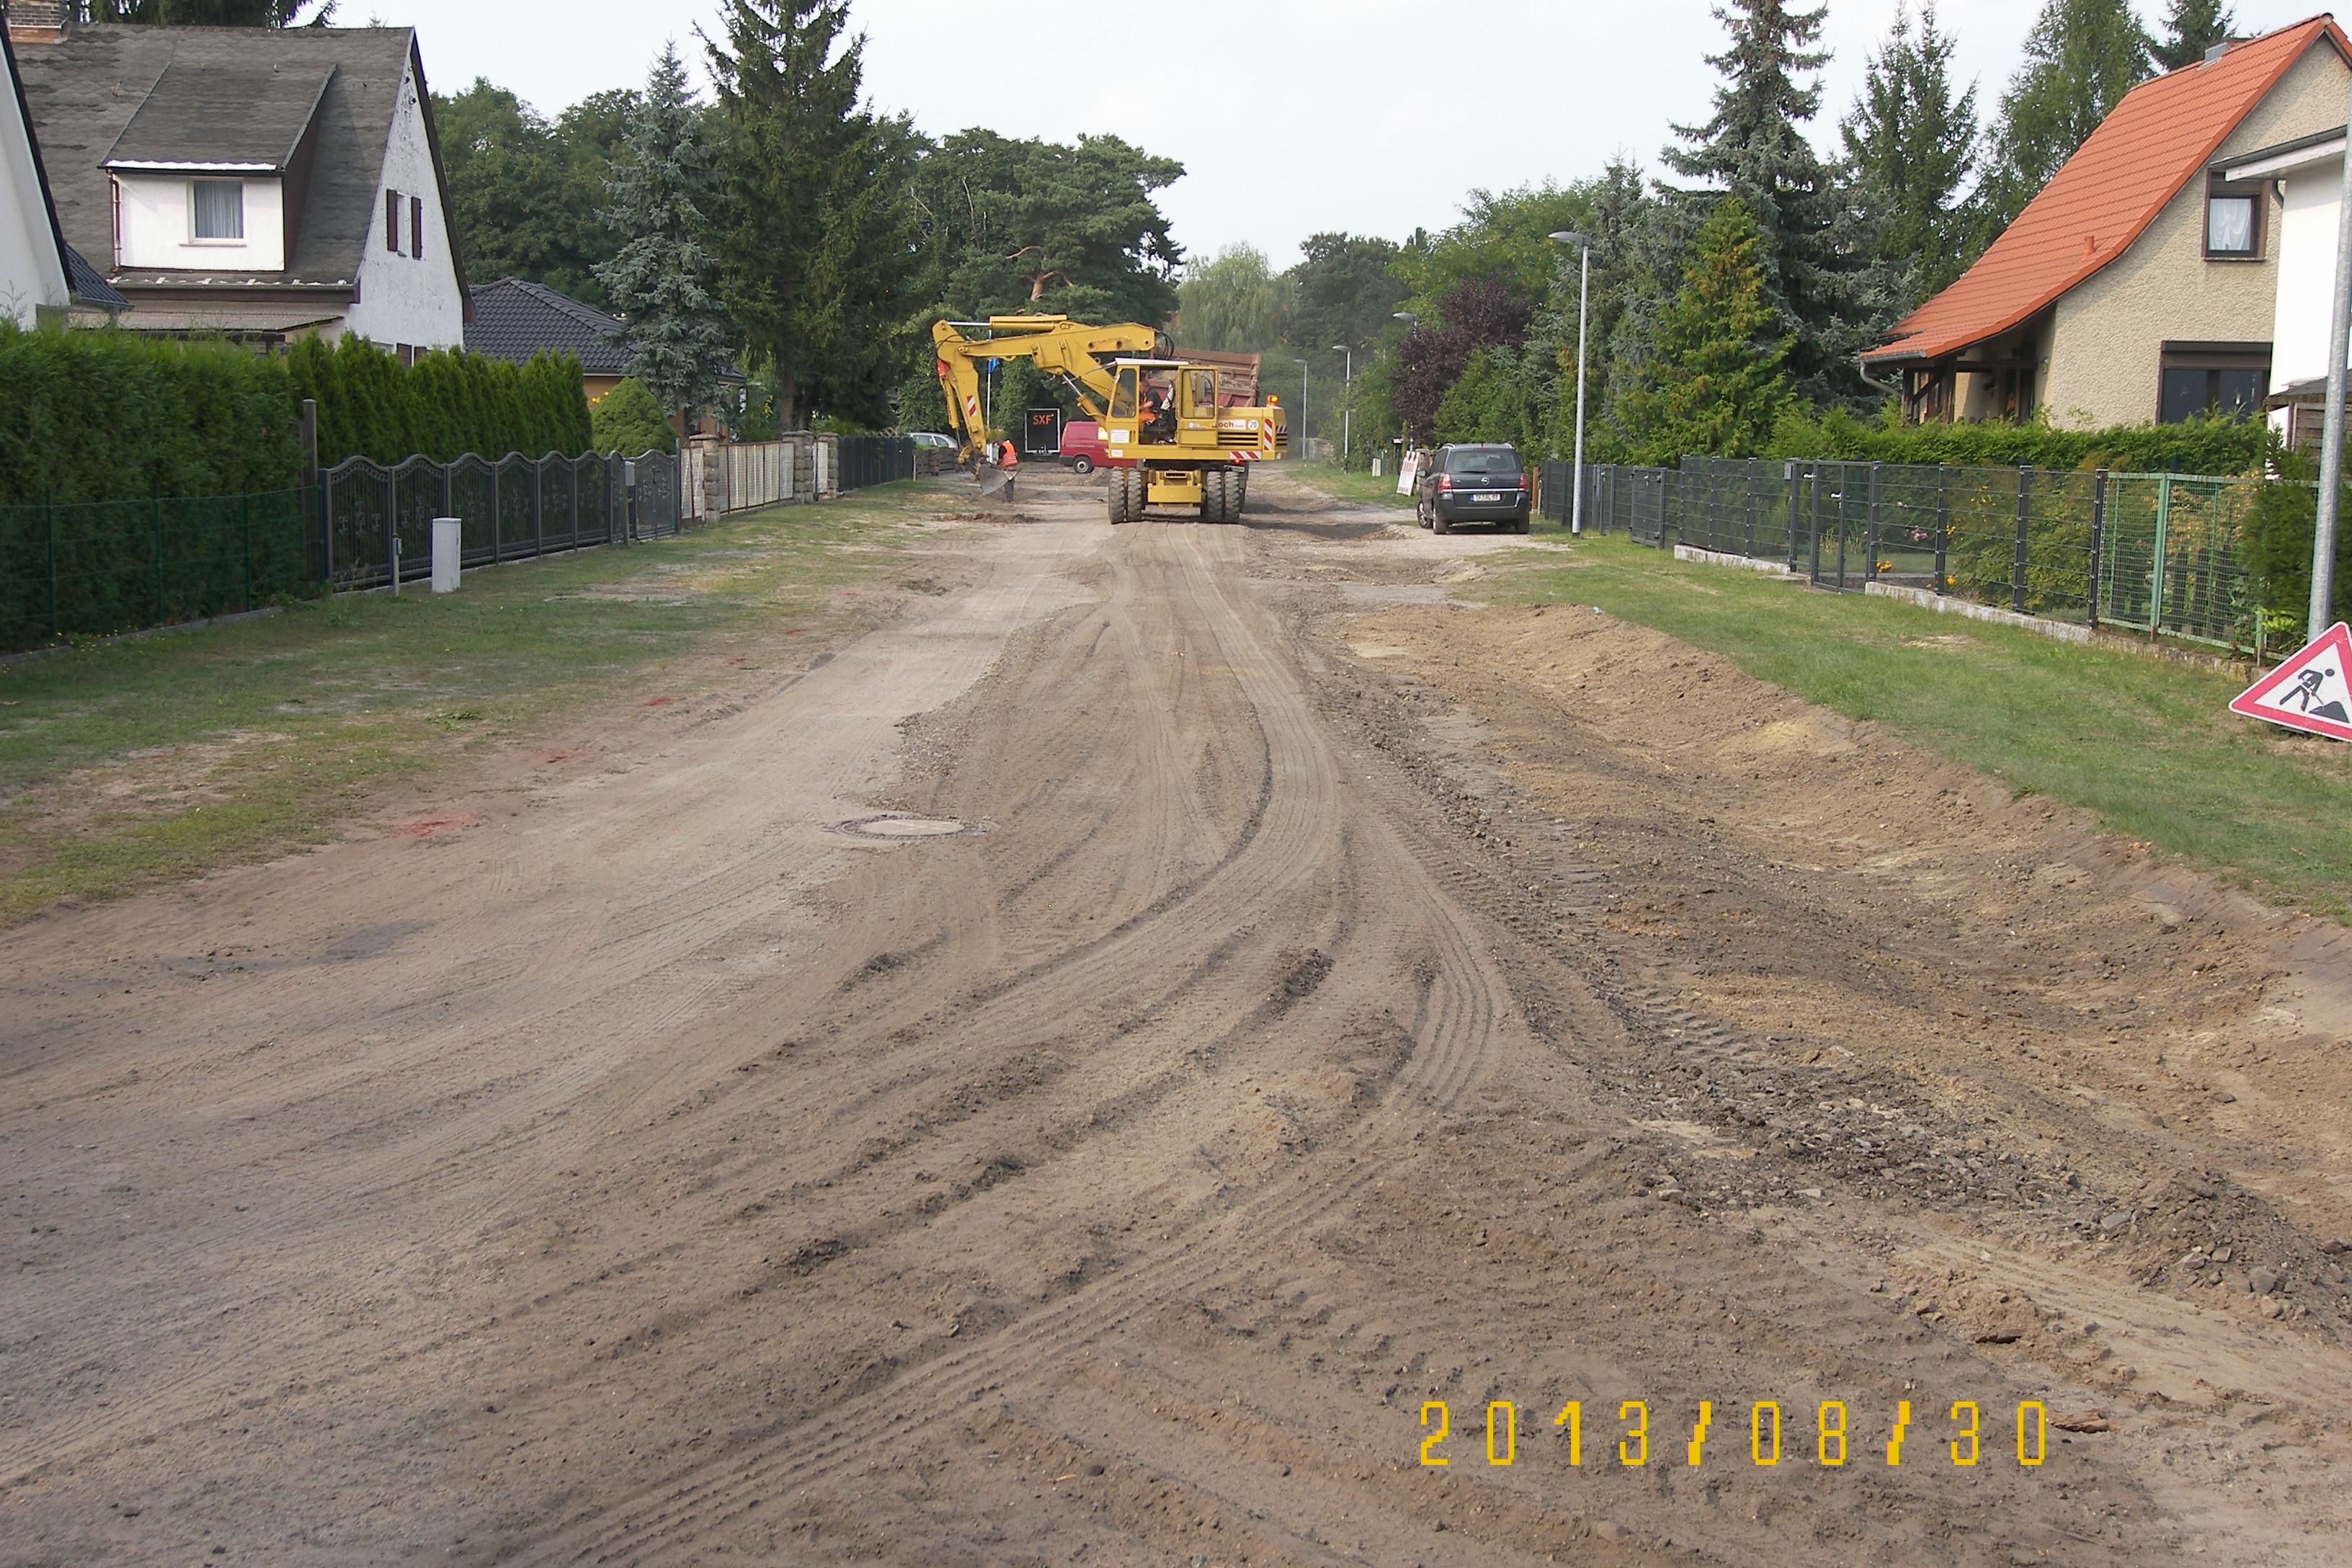 100 5536 Wassergebundene Strassen in Siedlungen